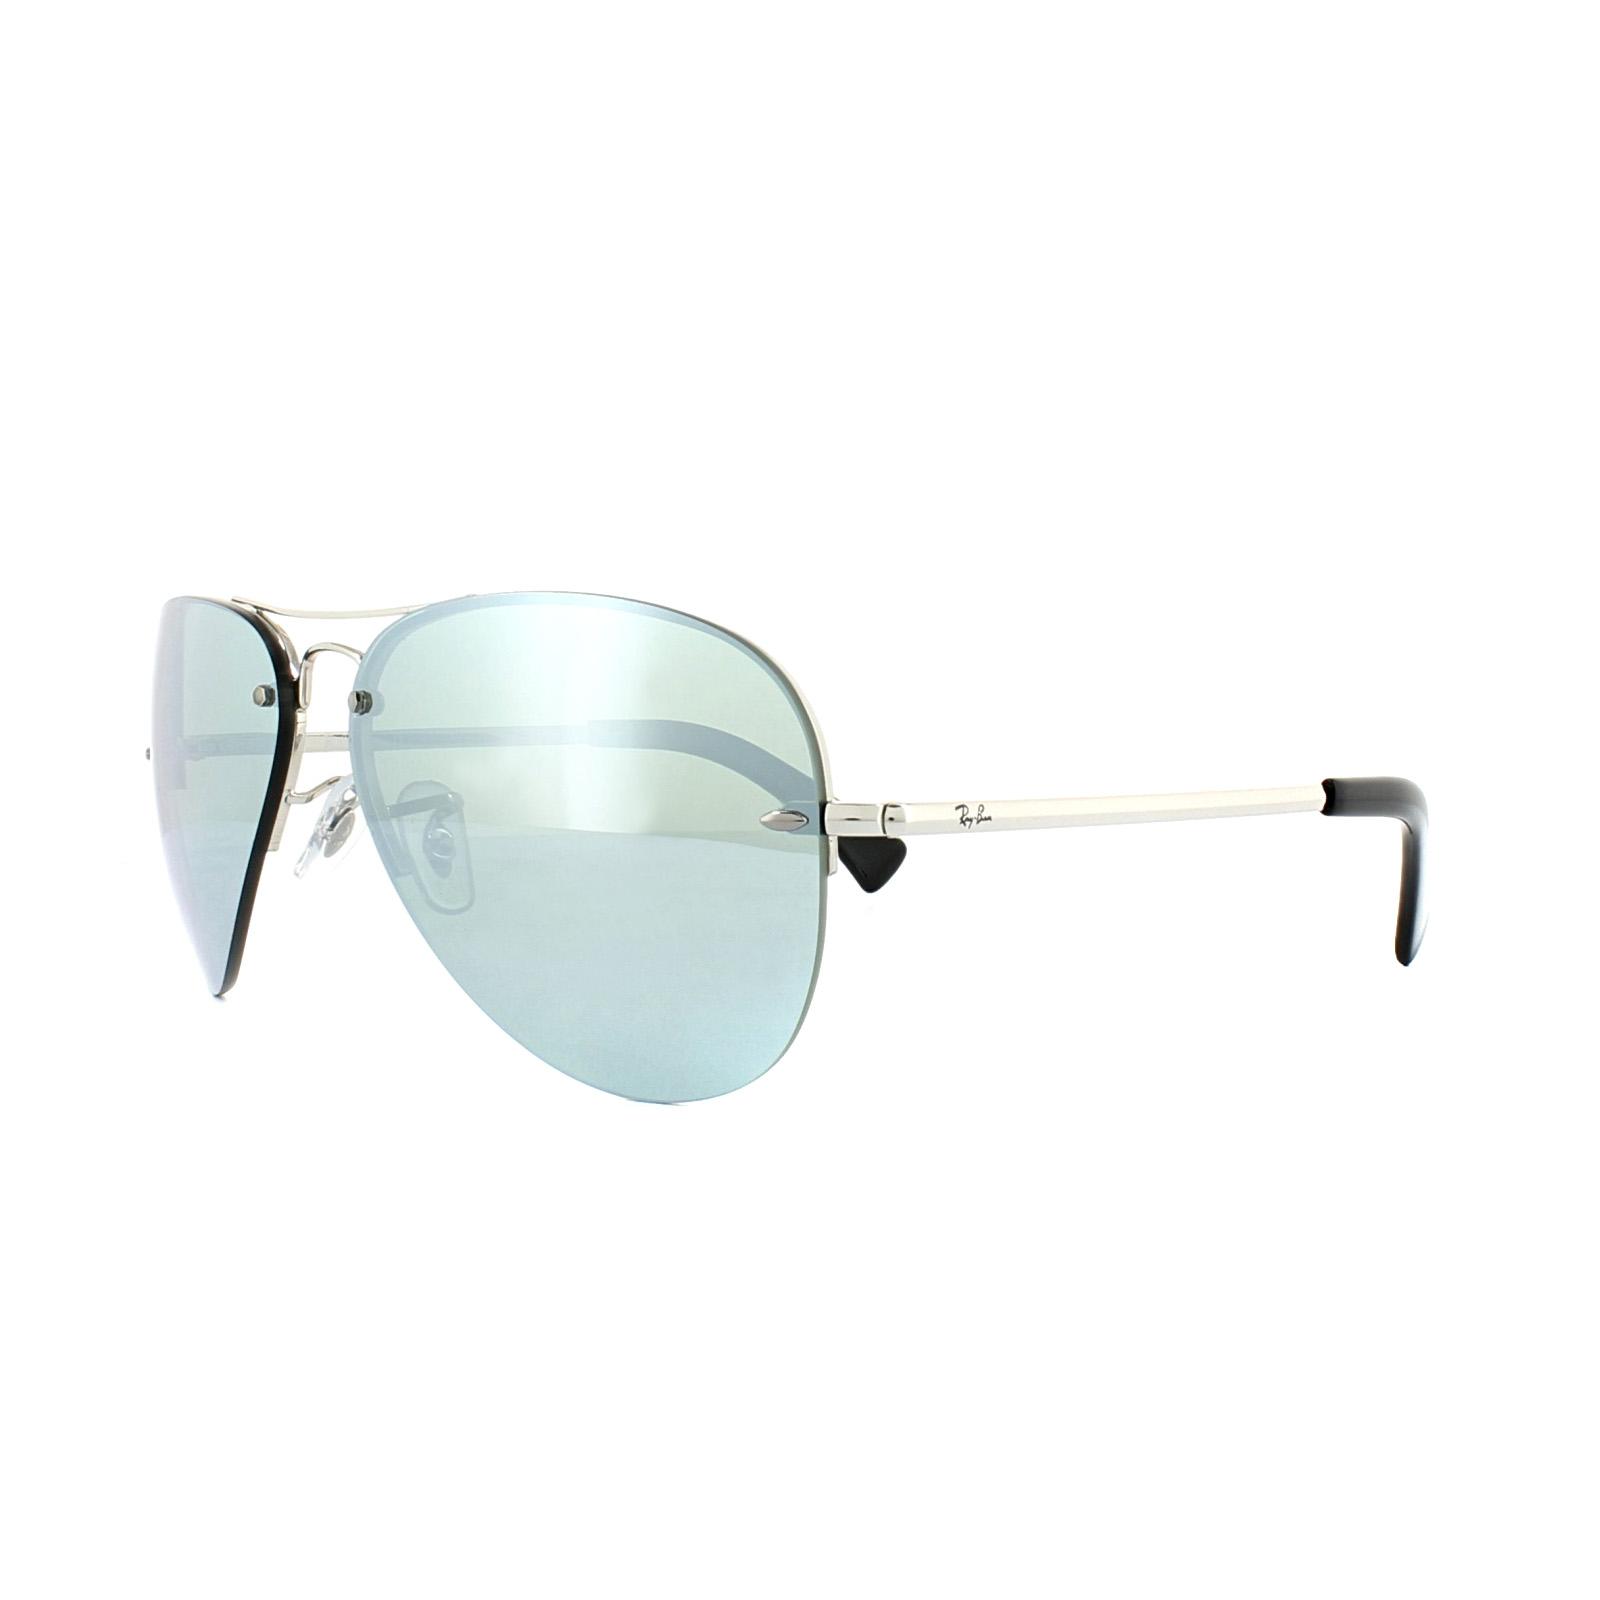 9130a1c13cb Ray-Ban Sunglasses 3449 003 30 Silver Silver Mirror 8053672495119